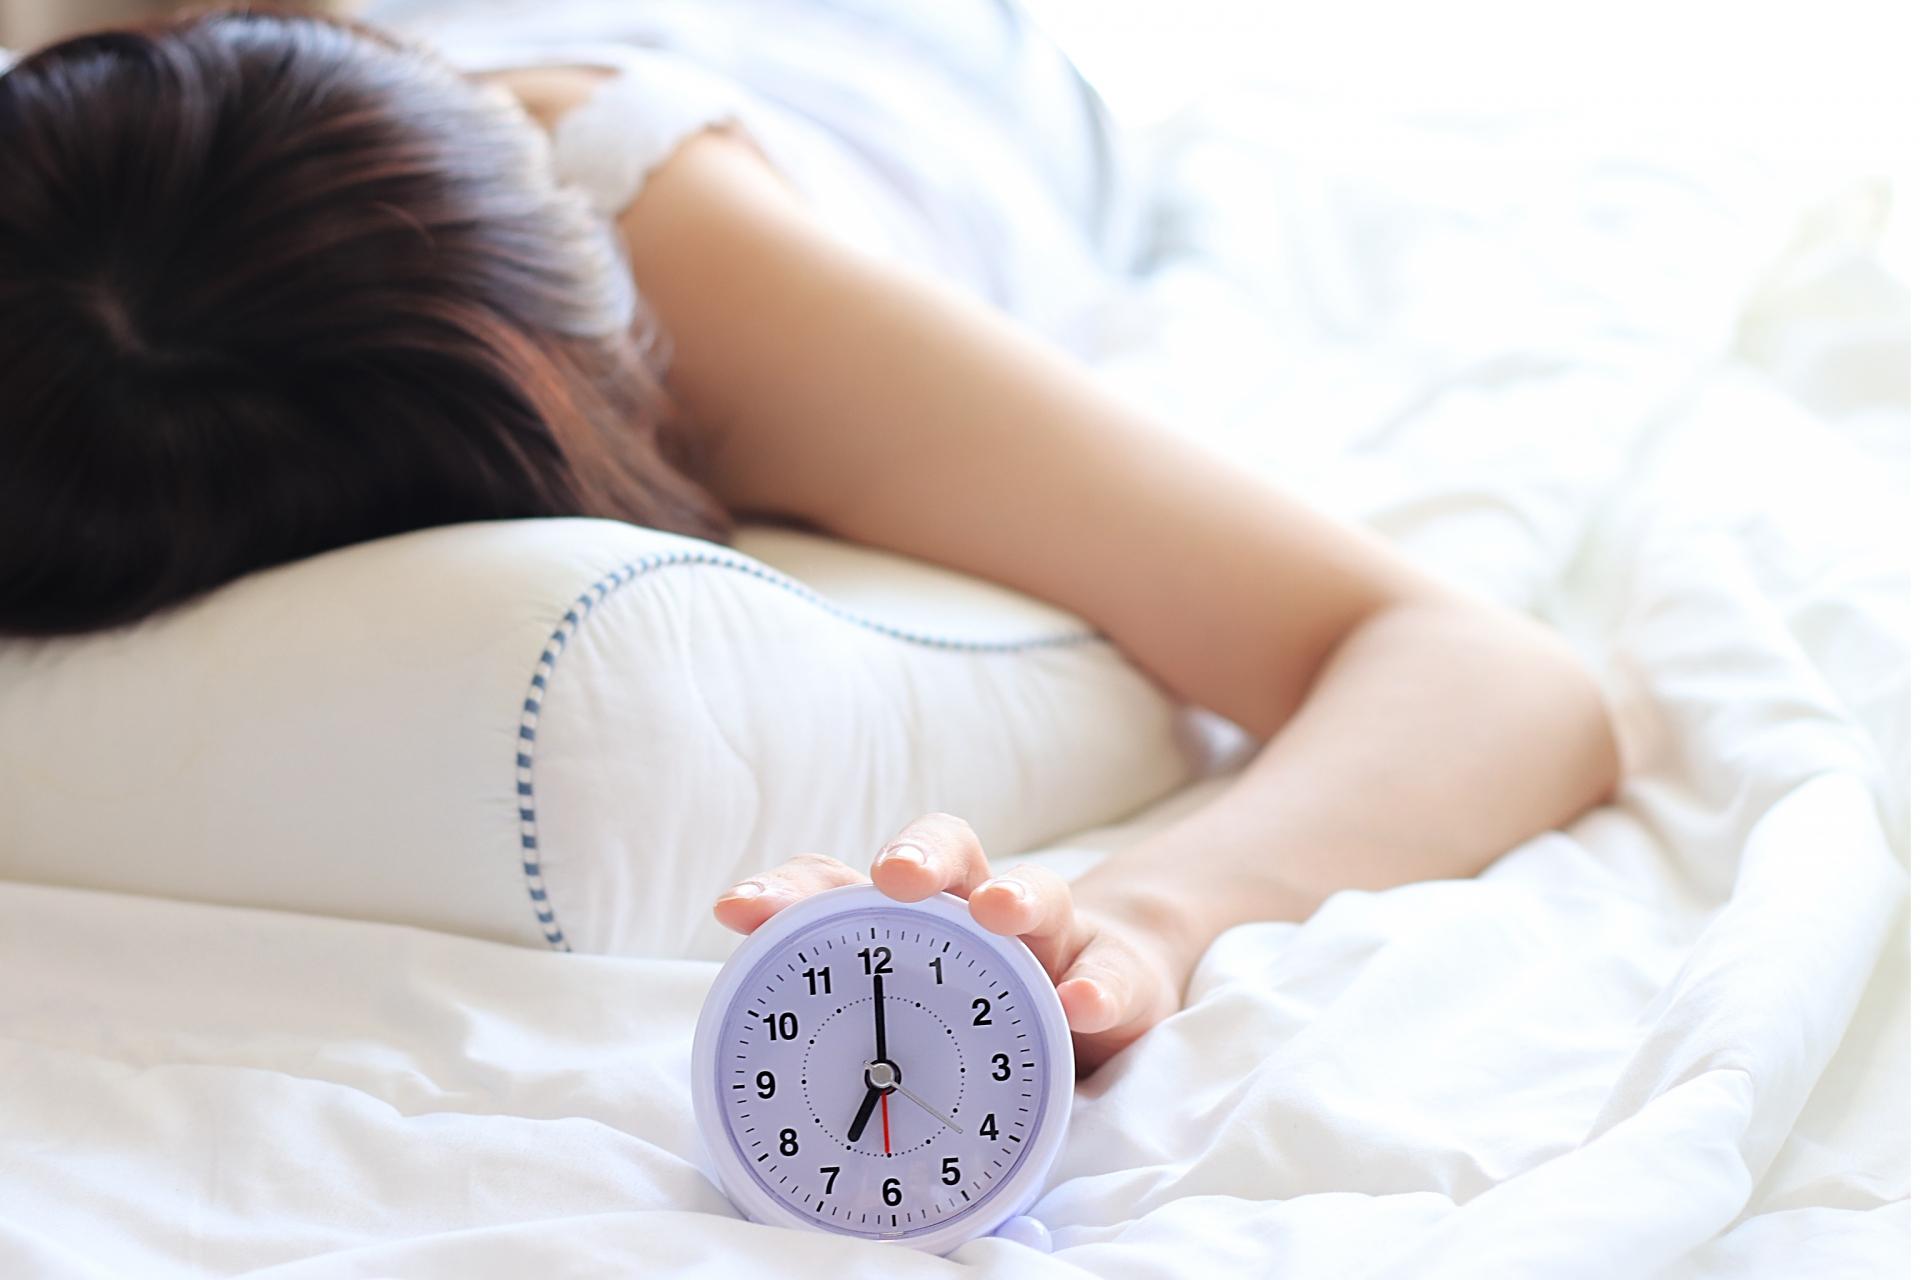 隔週土曜休みはモチベーションの維持が難しい?きつい時の対処法。